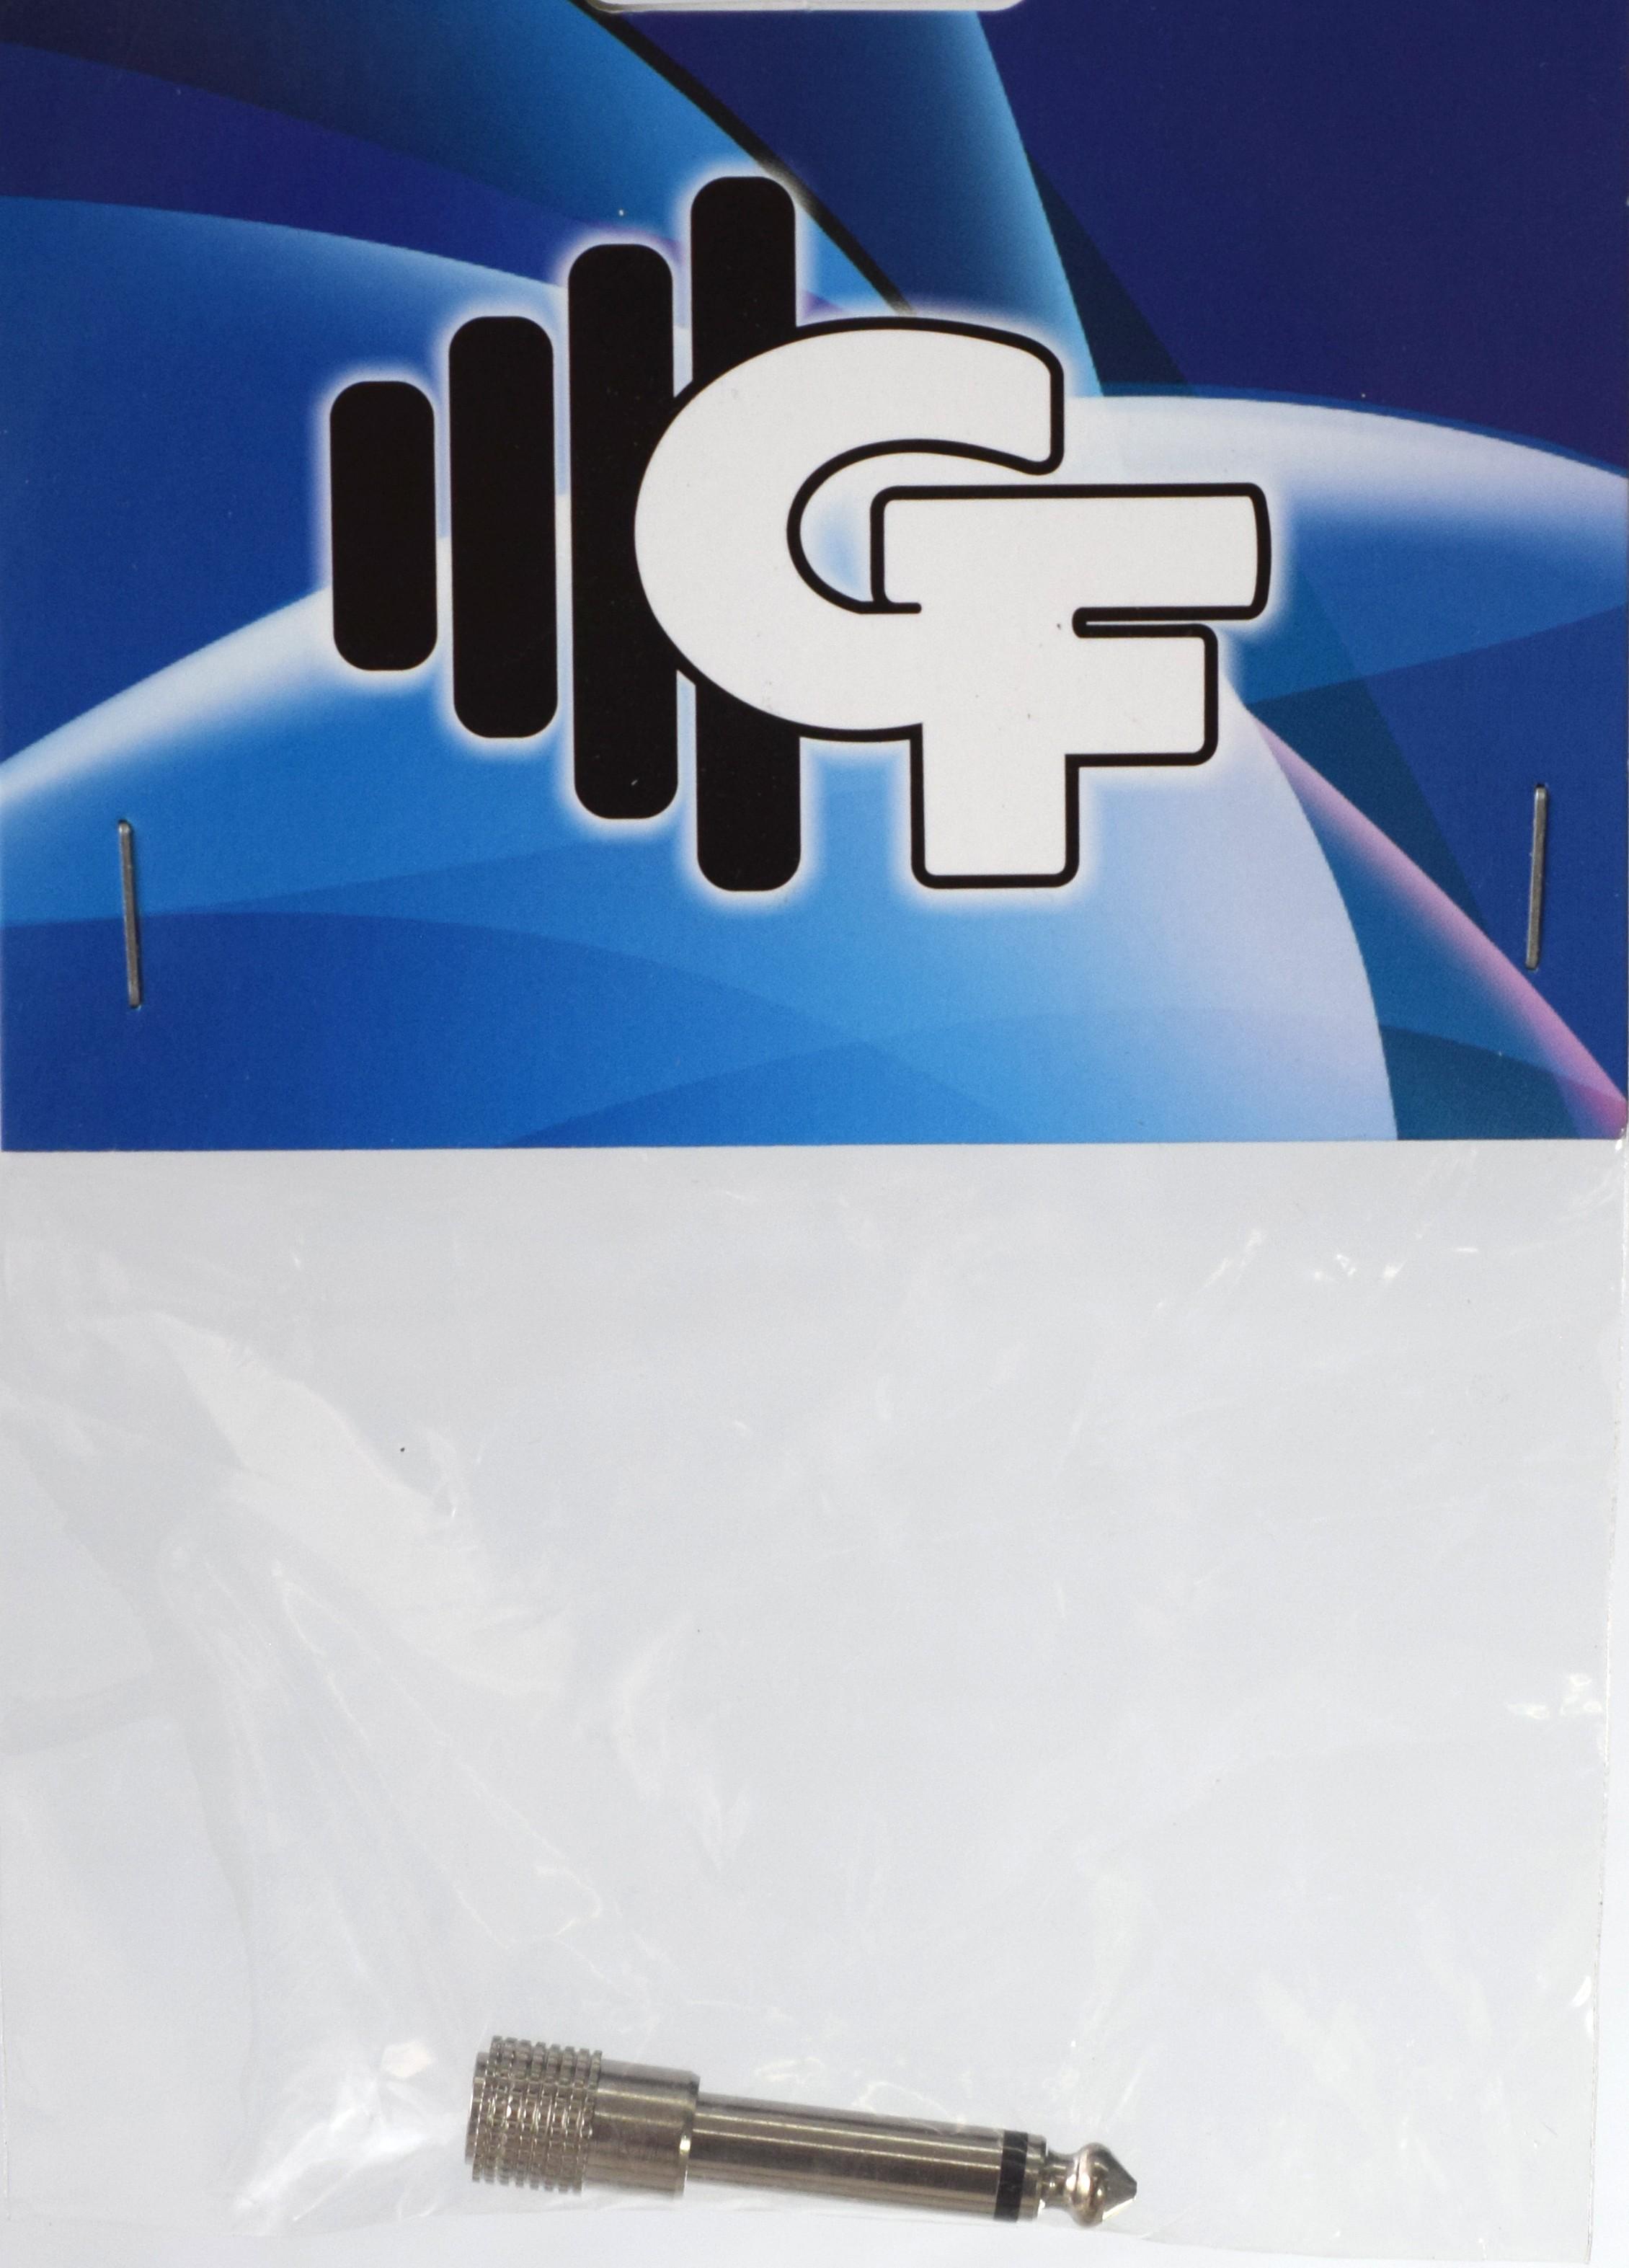 GRF CONNECTOR TRANSFORMER - 1/8 FEMALE X 1/4 MALE